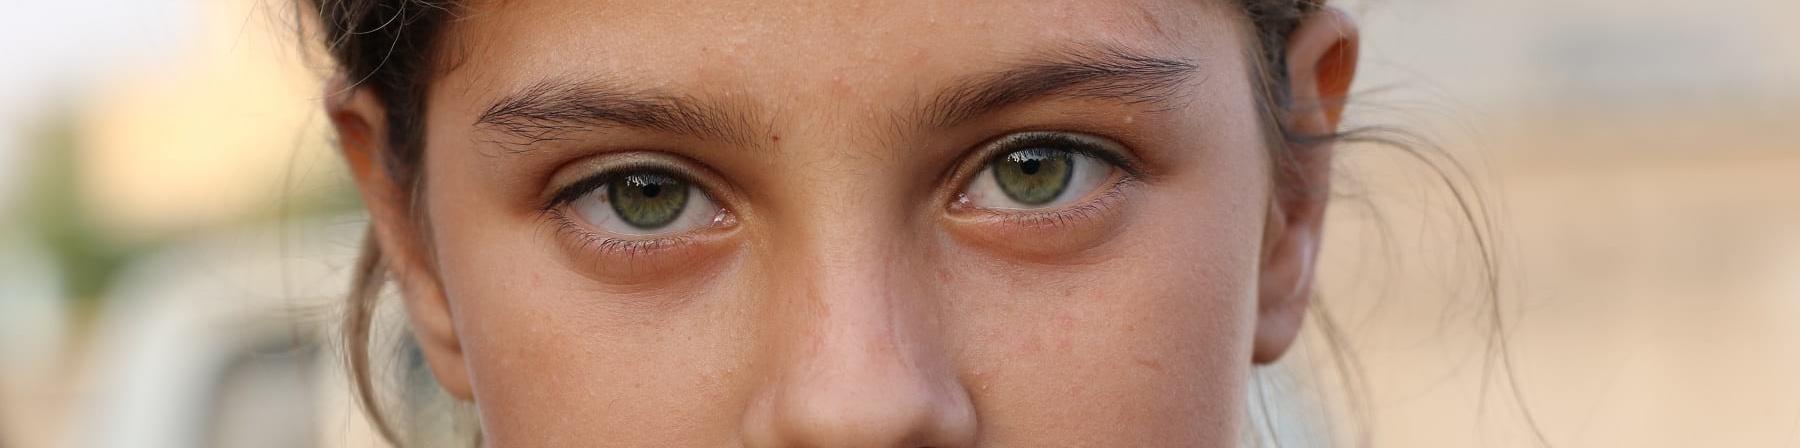 primo piano di una bambina bionda con capelli legati e occhi verdi